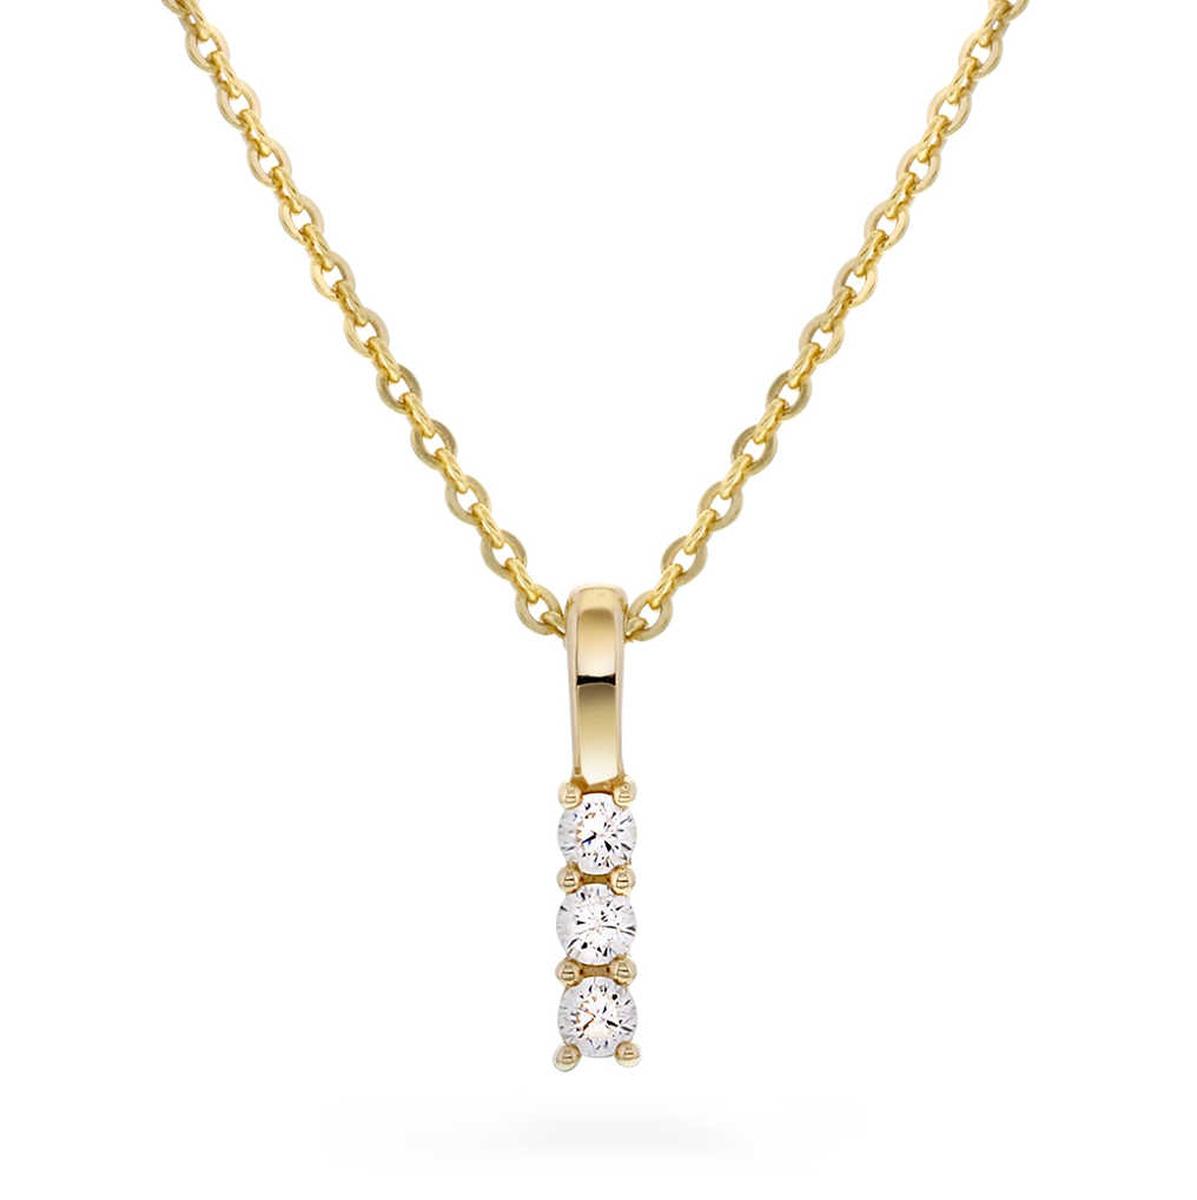 Smykke i gull med zirkonia